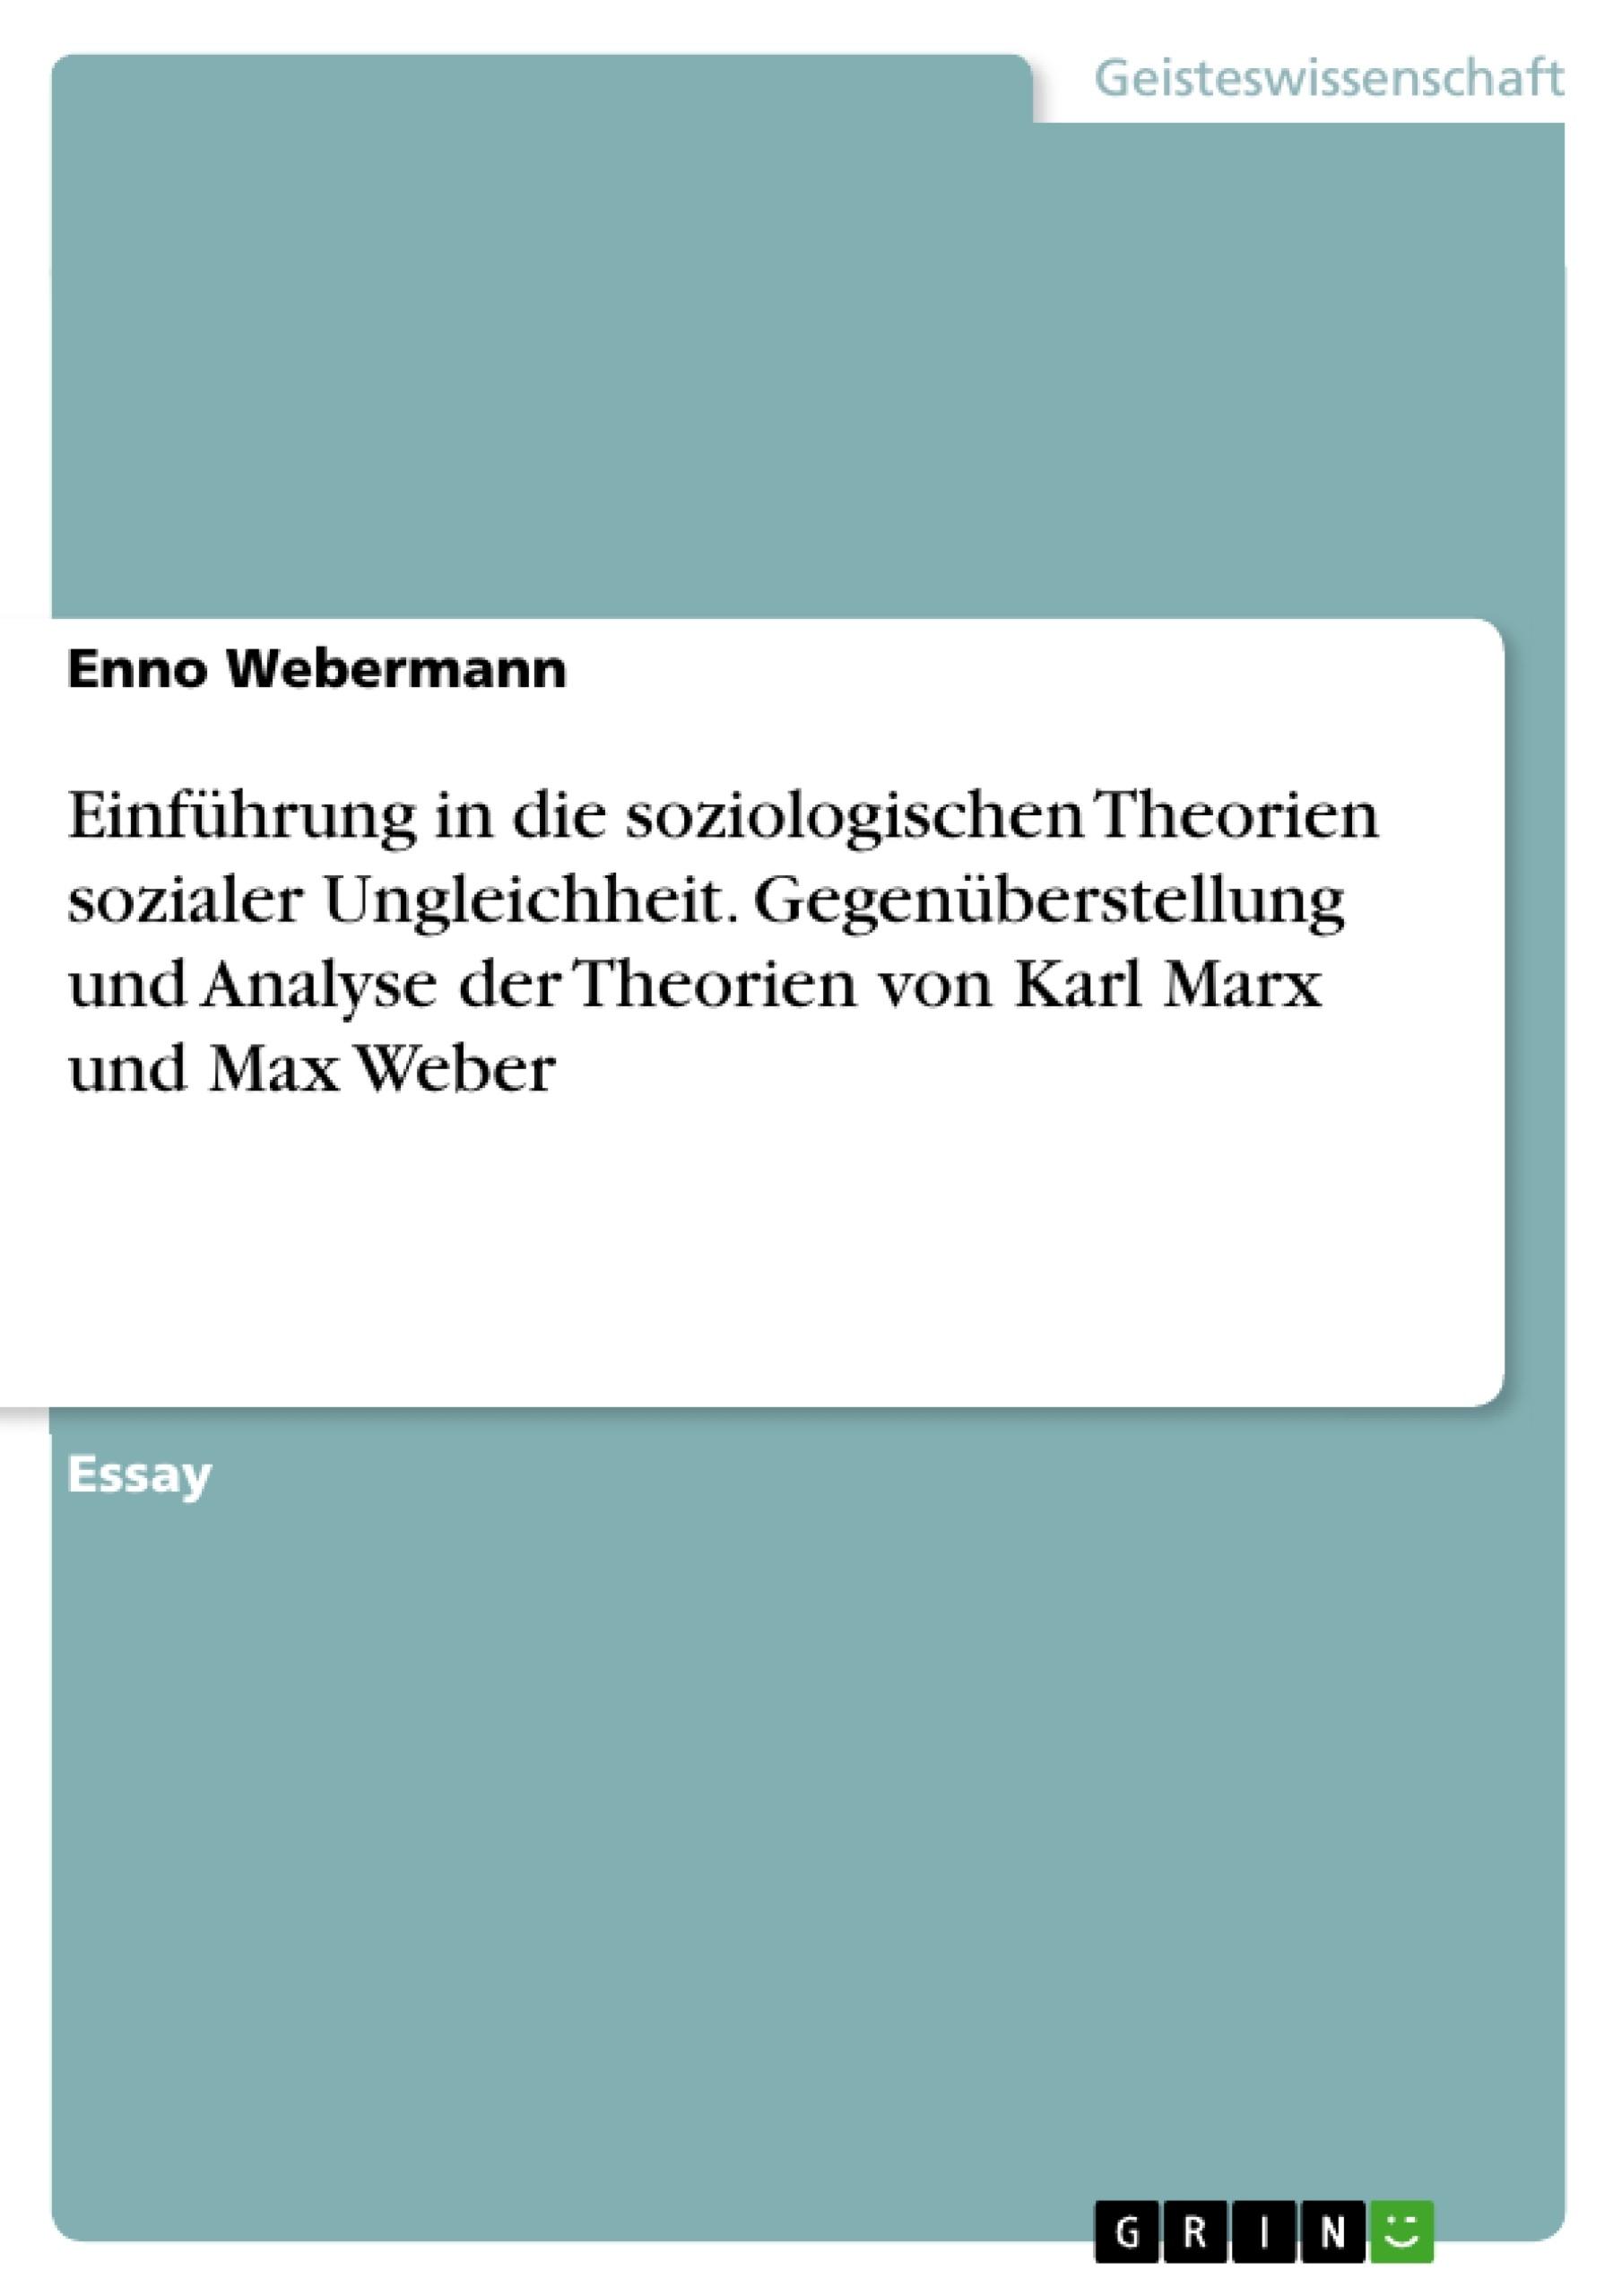 Titel: Einführung in die soziologischen Theorien sozialer Ungleichheit. Gegenüberstellung und Analyse  der Theorien von Karl Marx und Max Weber